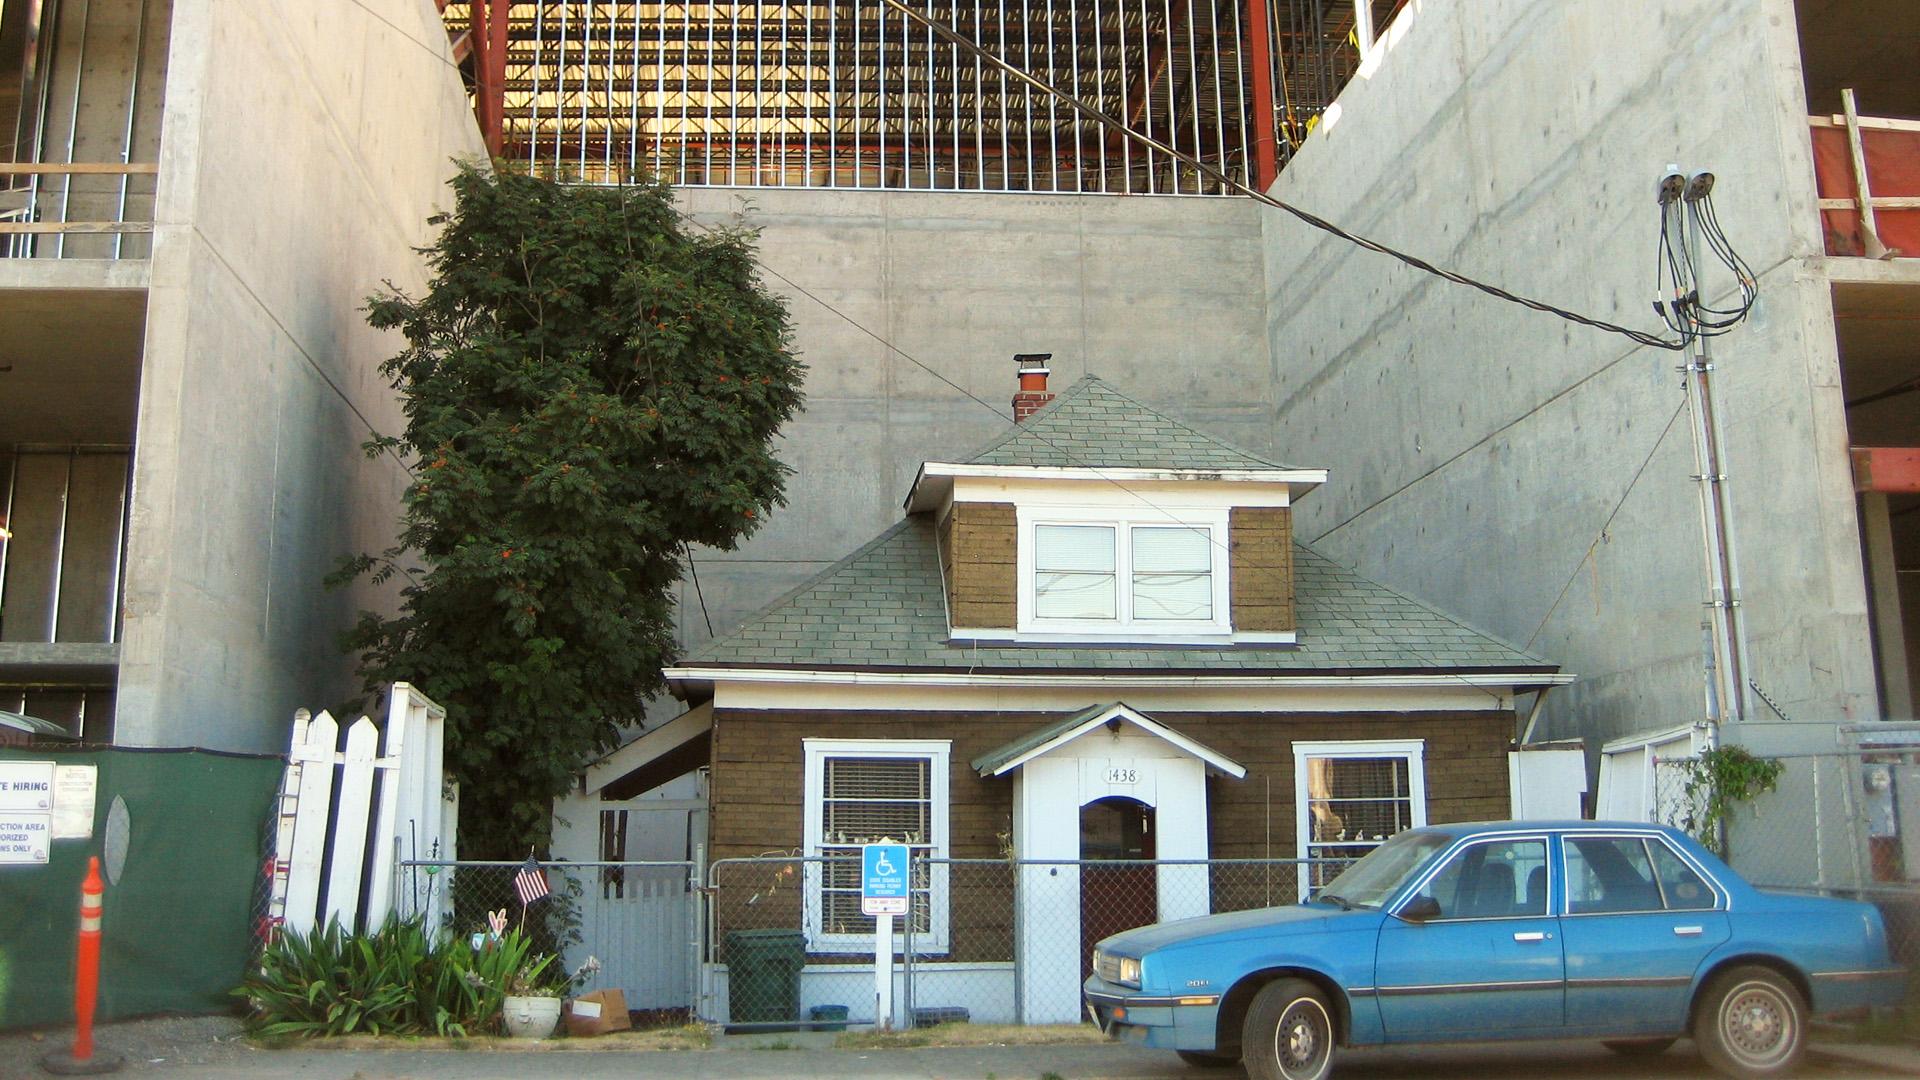 7 makacs tulajdonos, aki ragaszkodott a házához